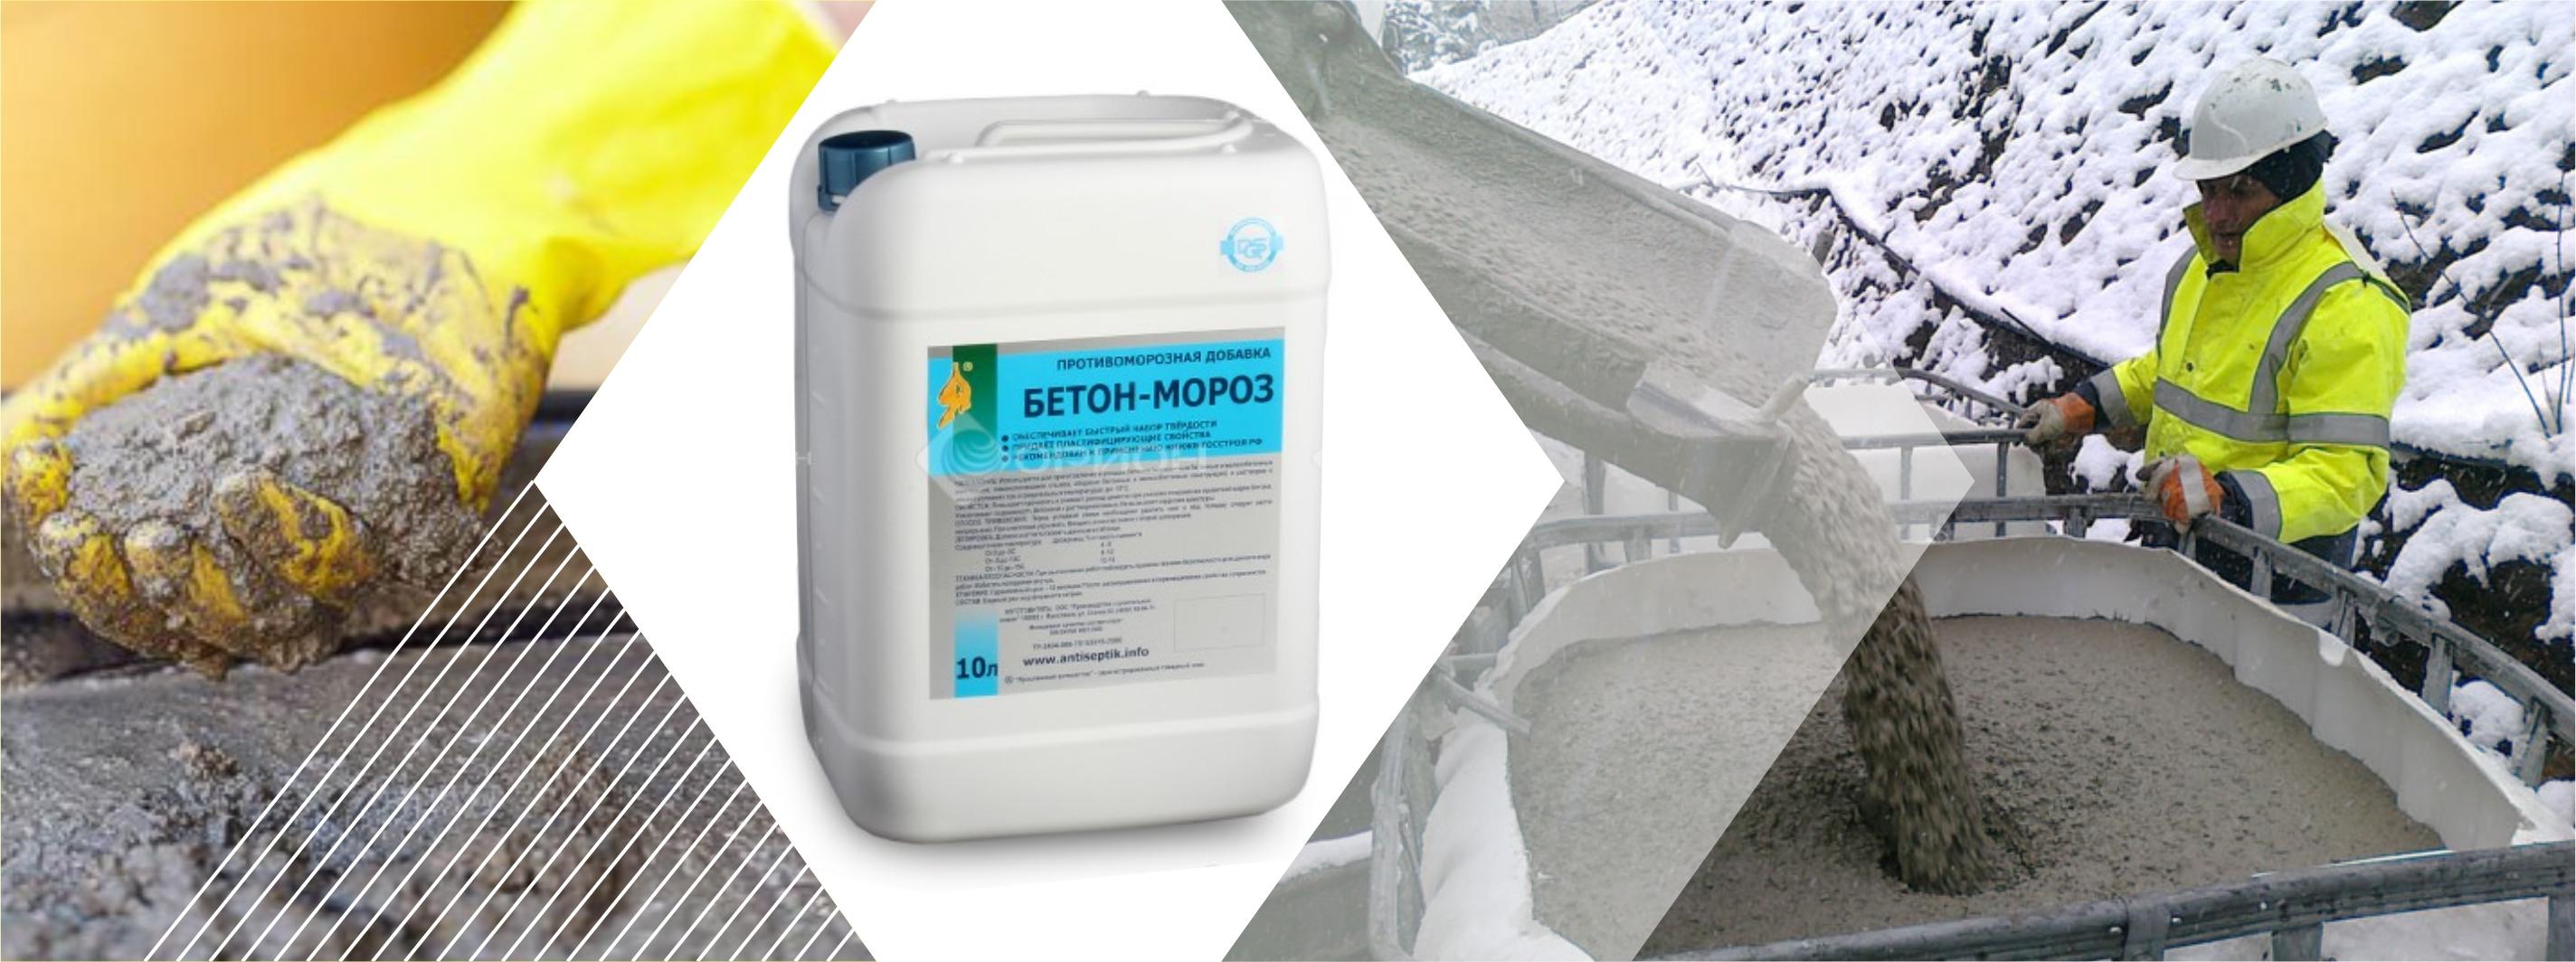 Химическая добавка в бетонную смесь бетон строй иркутск